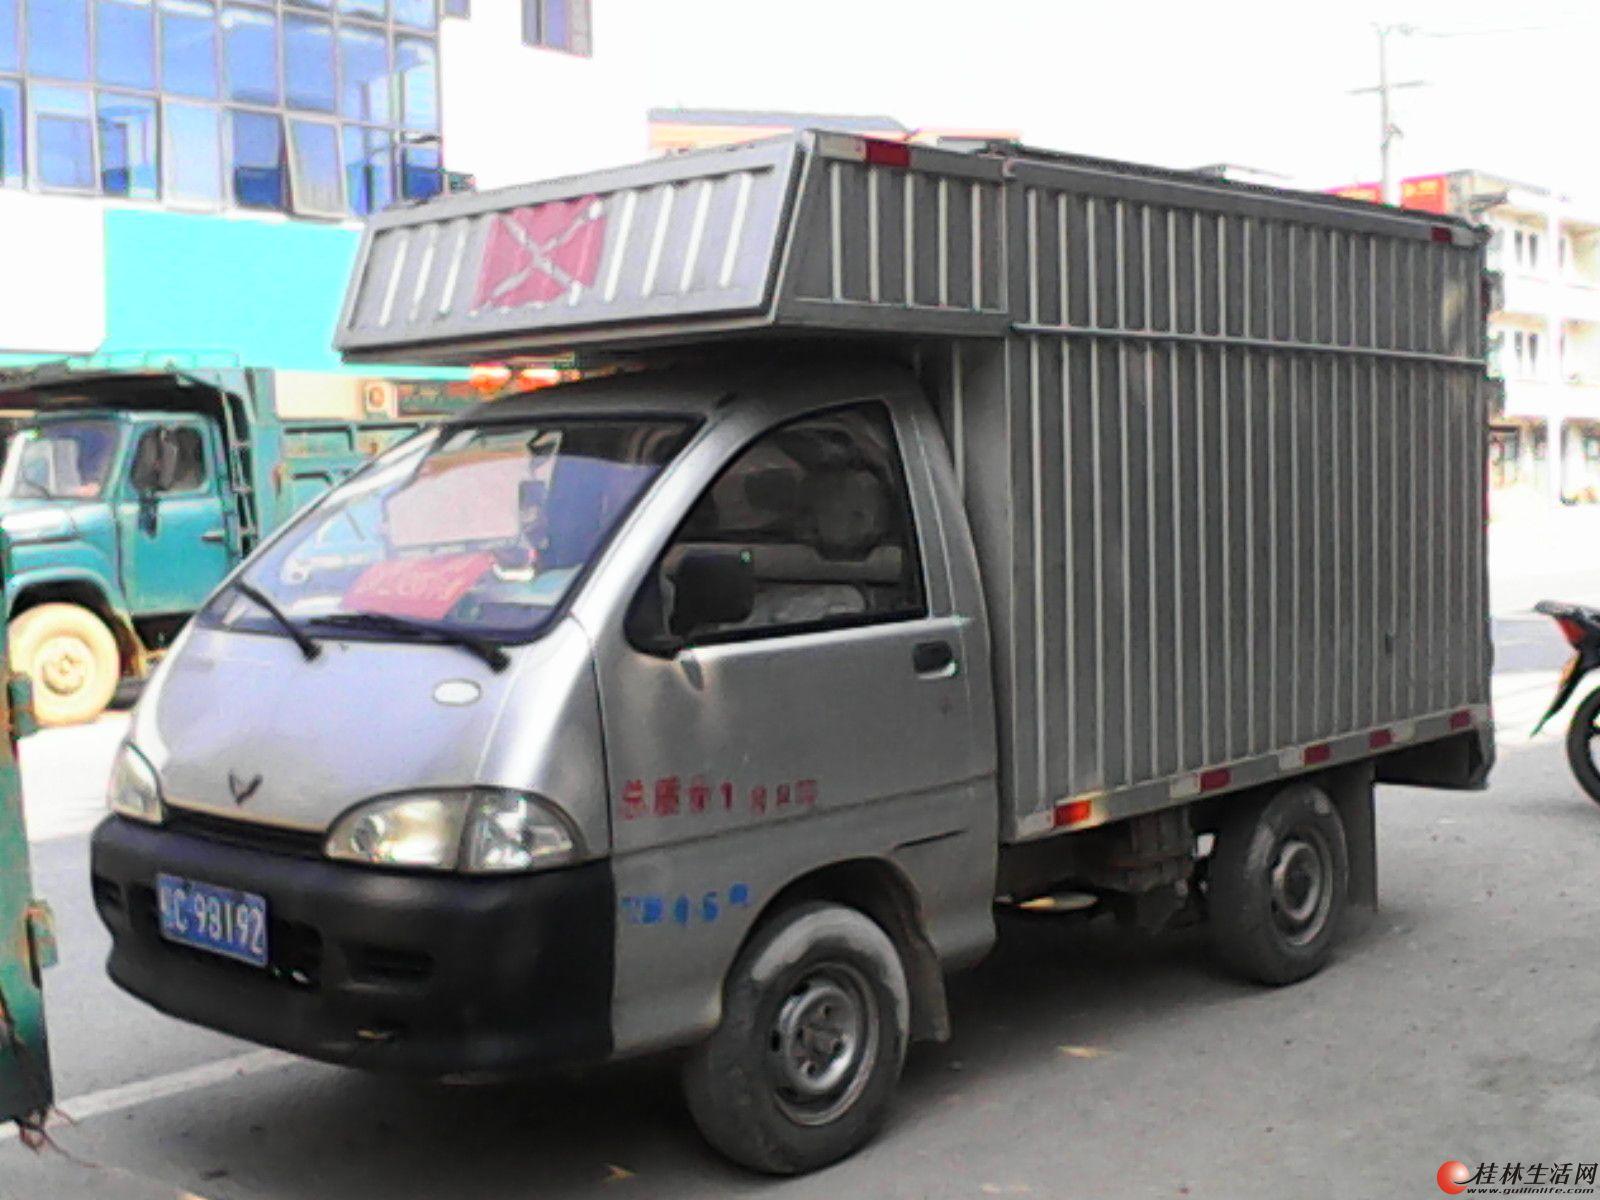 低价出售一辆五菱箱式货车高清图片